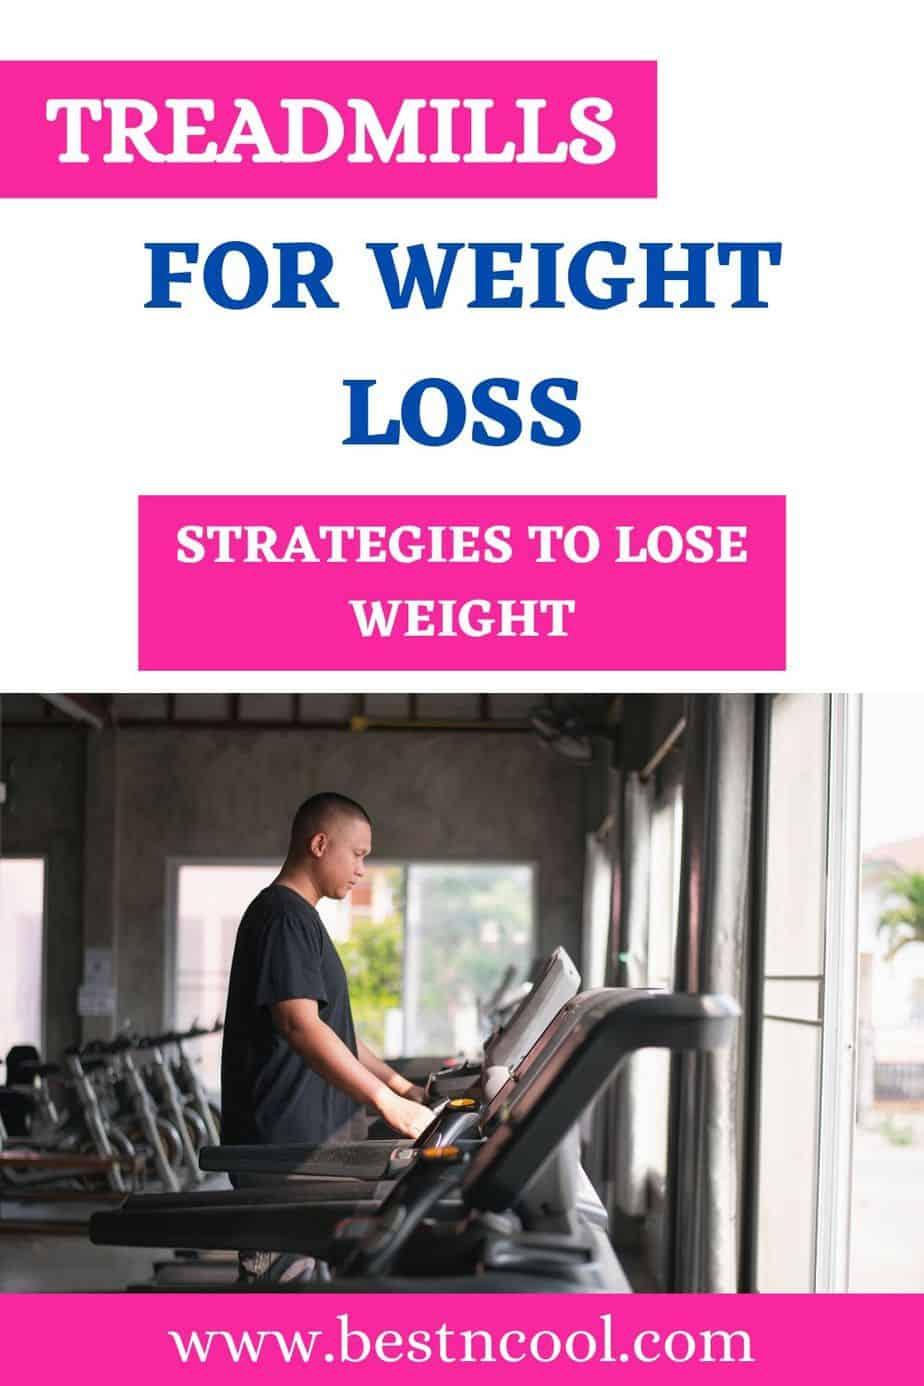 treadmill 350 lb capacity